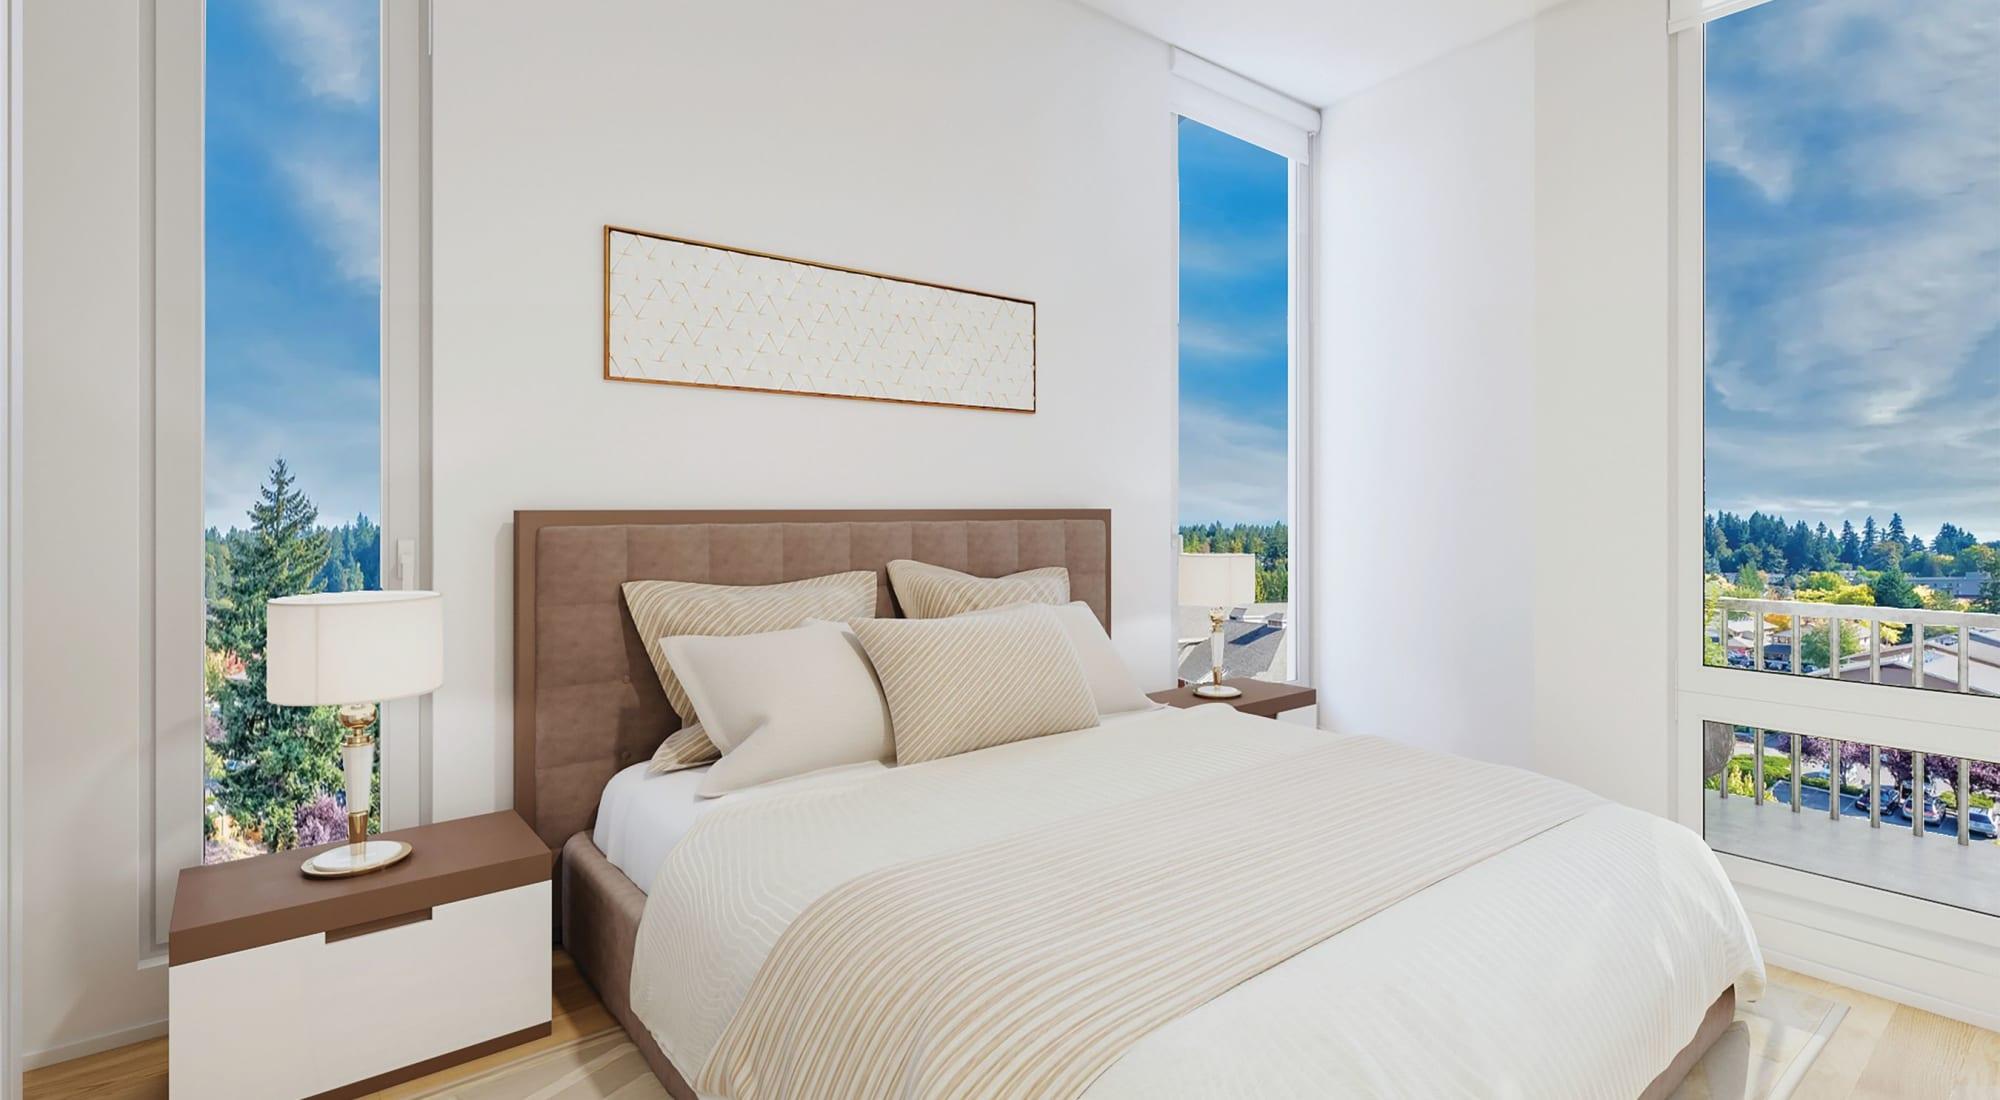 Bedroom at Blackbird in Redmond, WA